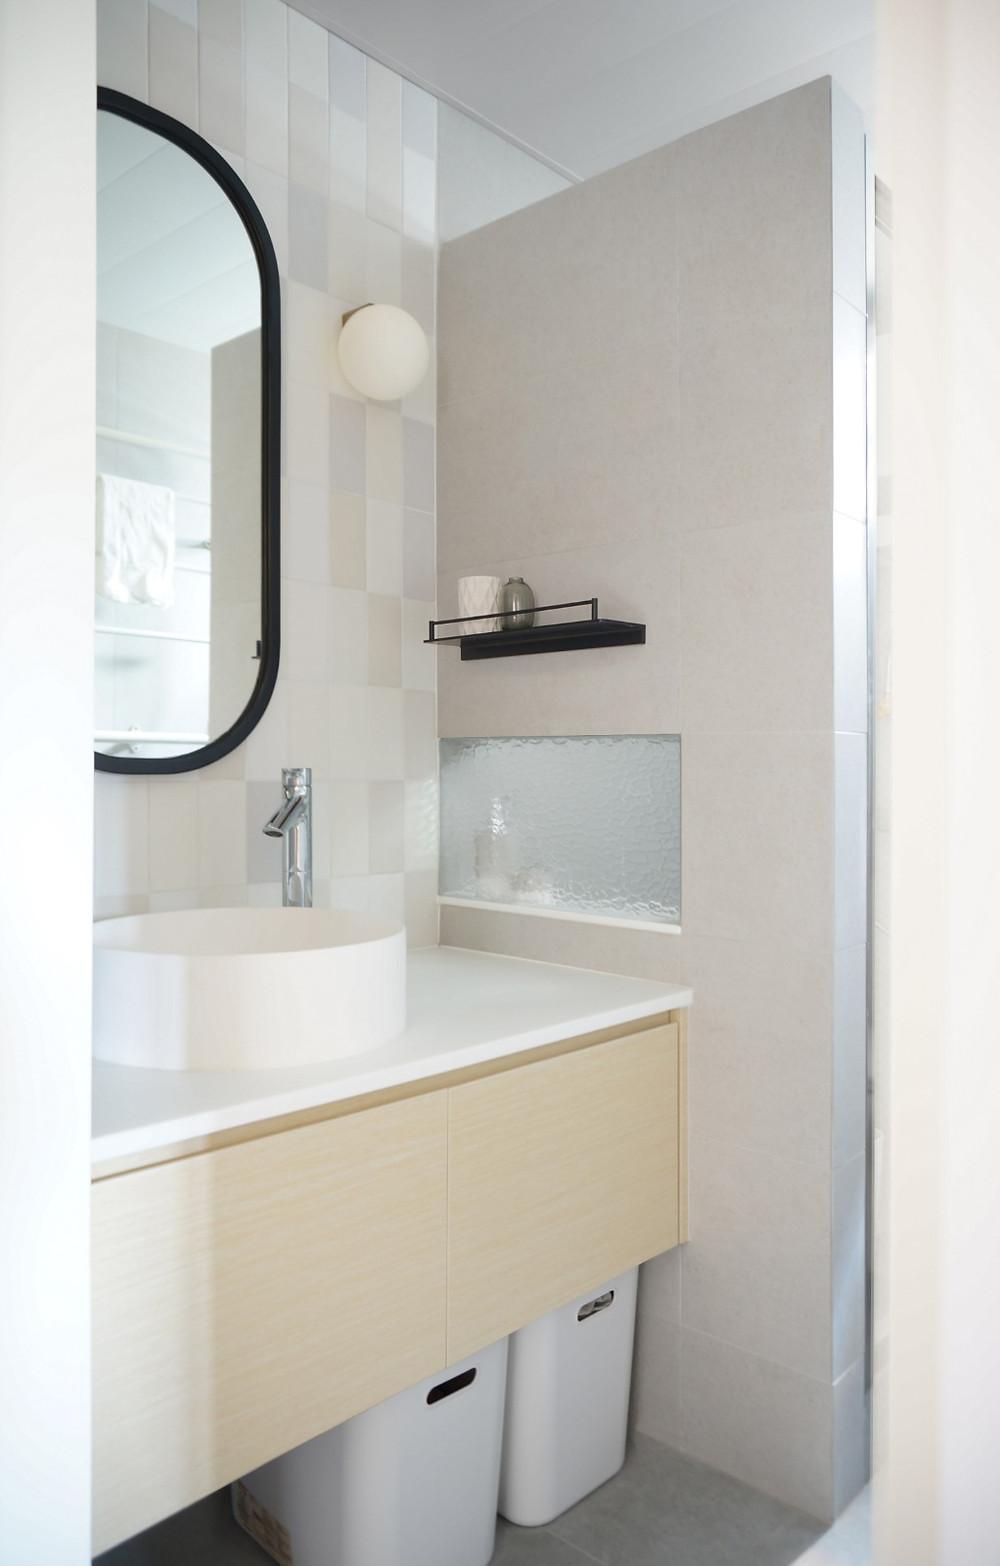 洗手盆下方預留空間擺放污衣籃